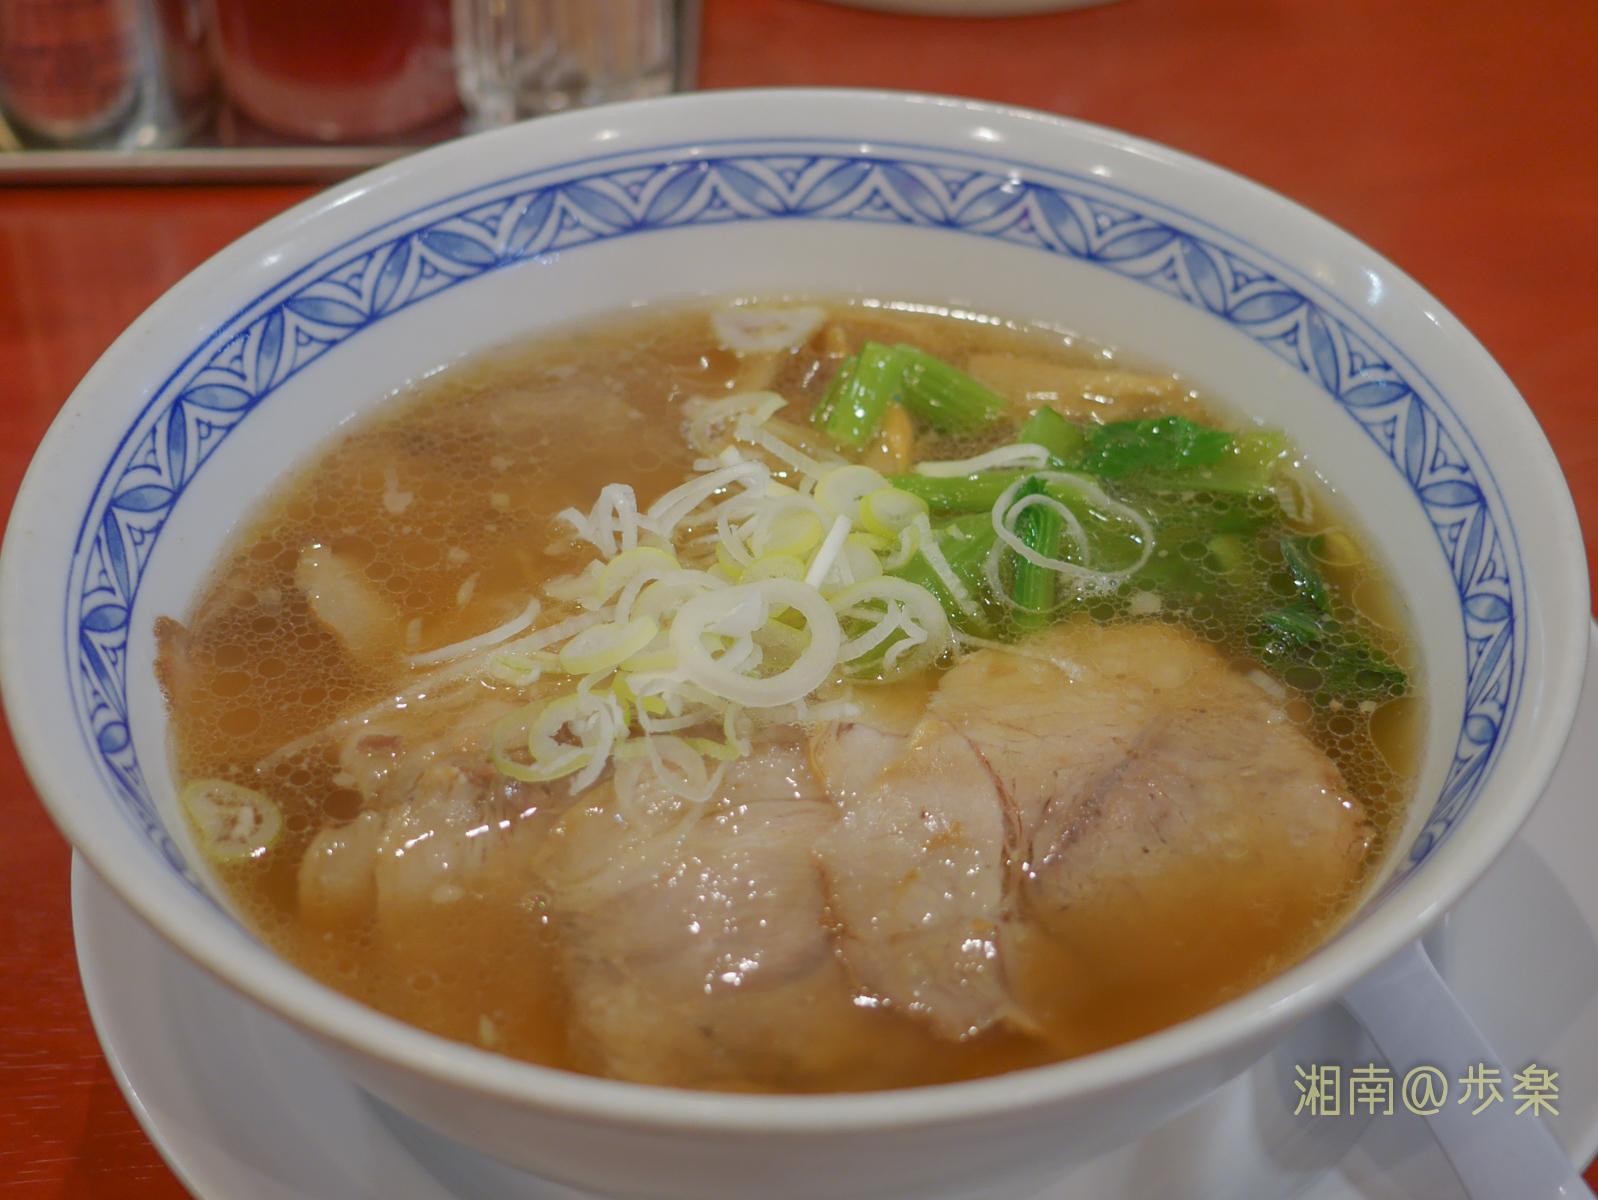 メンマ 葱 小松菜 チャーシュー